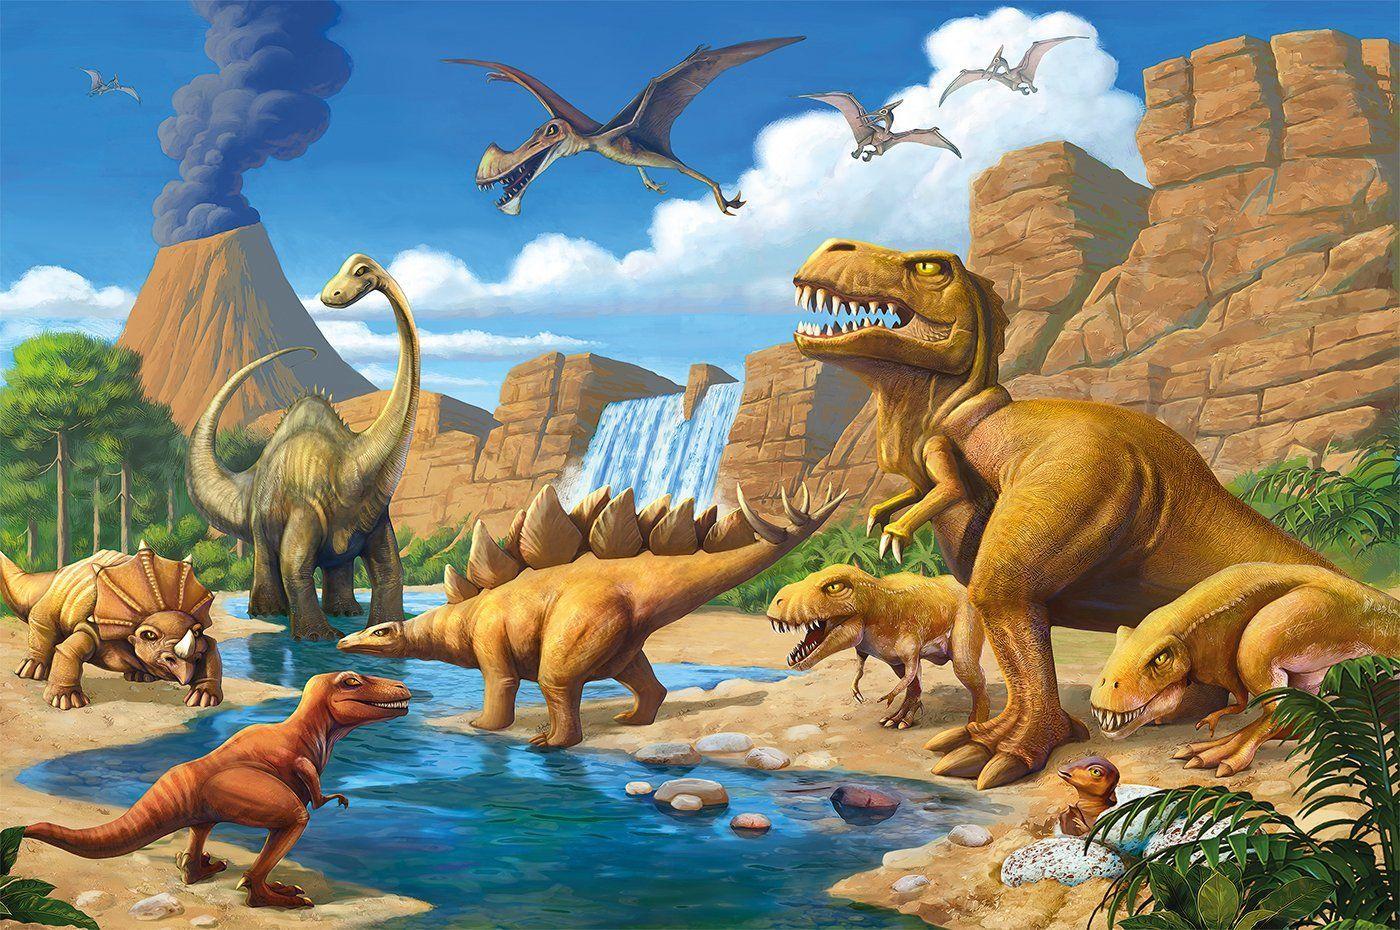 Aventure Dinosaure Murale Chambres Enfants Décoration Murs Comiquel Aventure Dino Mondiale Style Ju Dinosaurios Cuarto De Los Niños Murales De Pared Para Niños